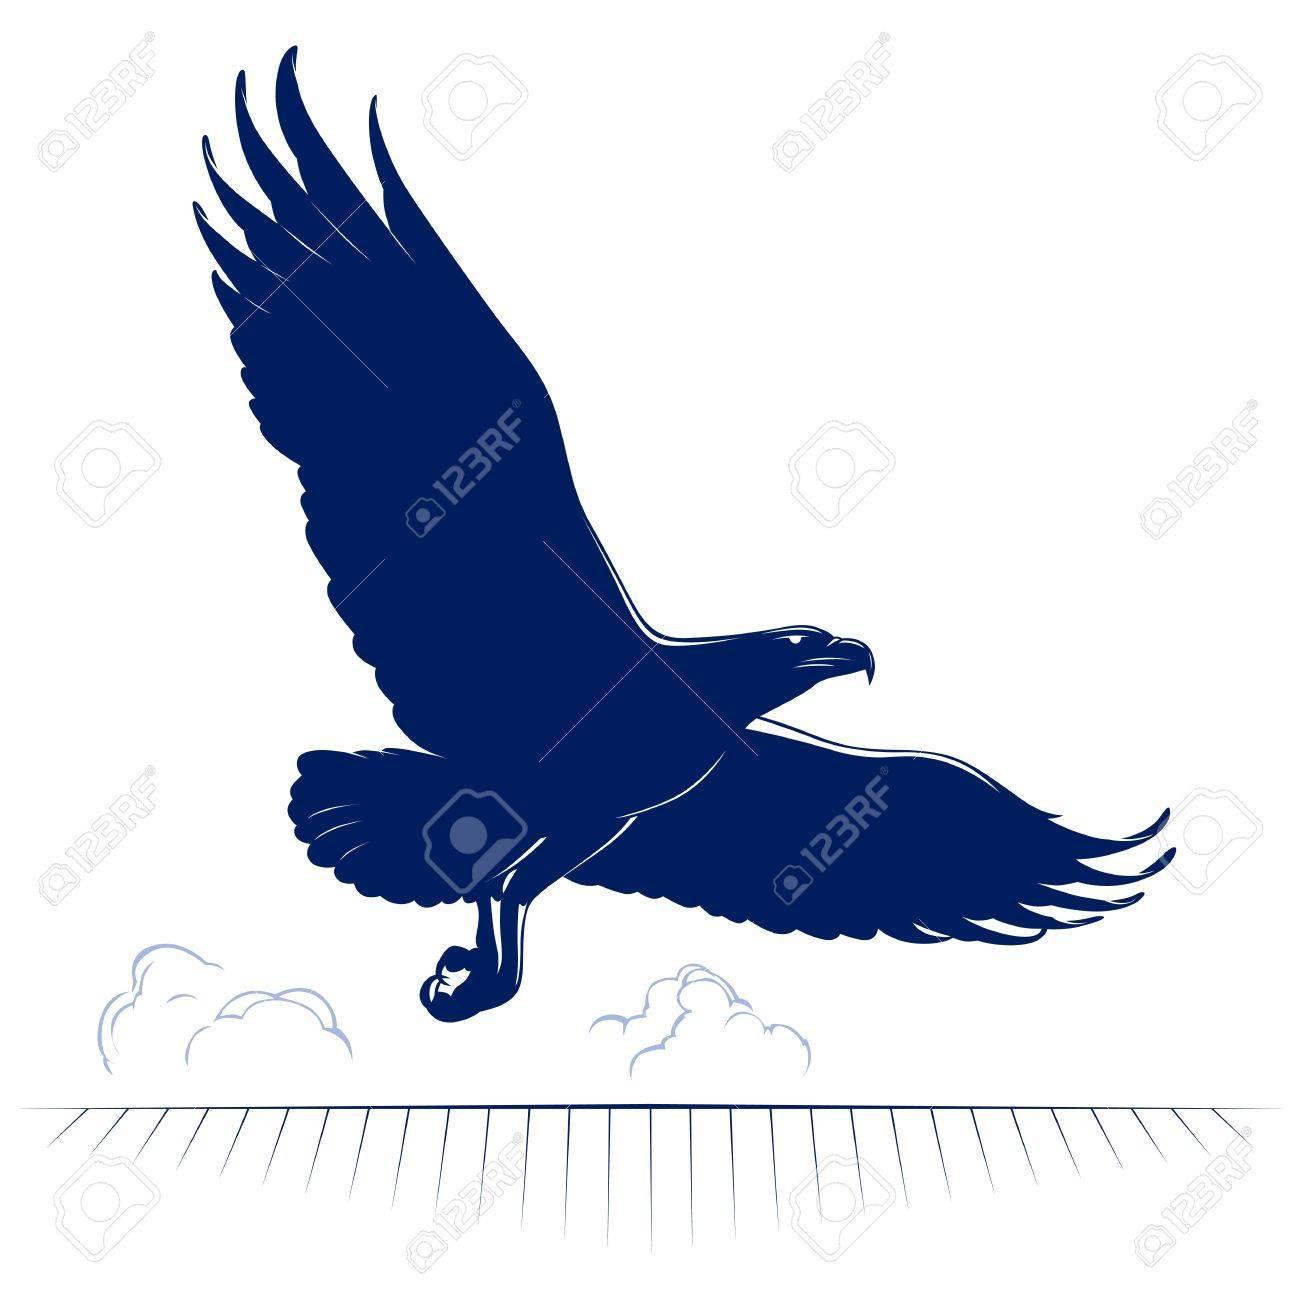 cartoon eagle flying in vector - 13529663